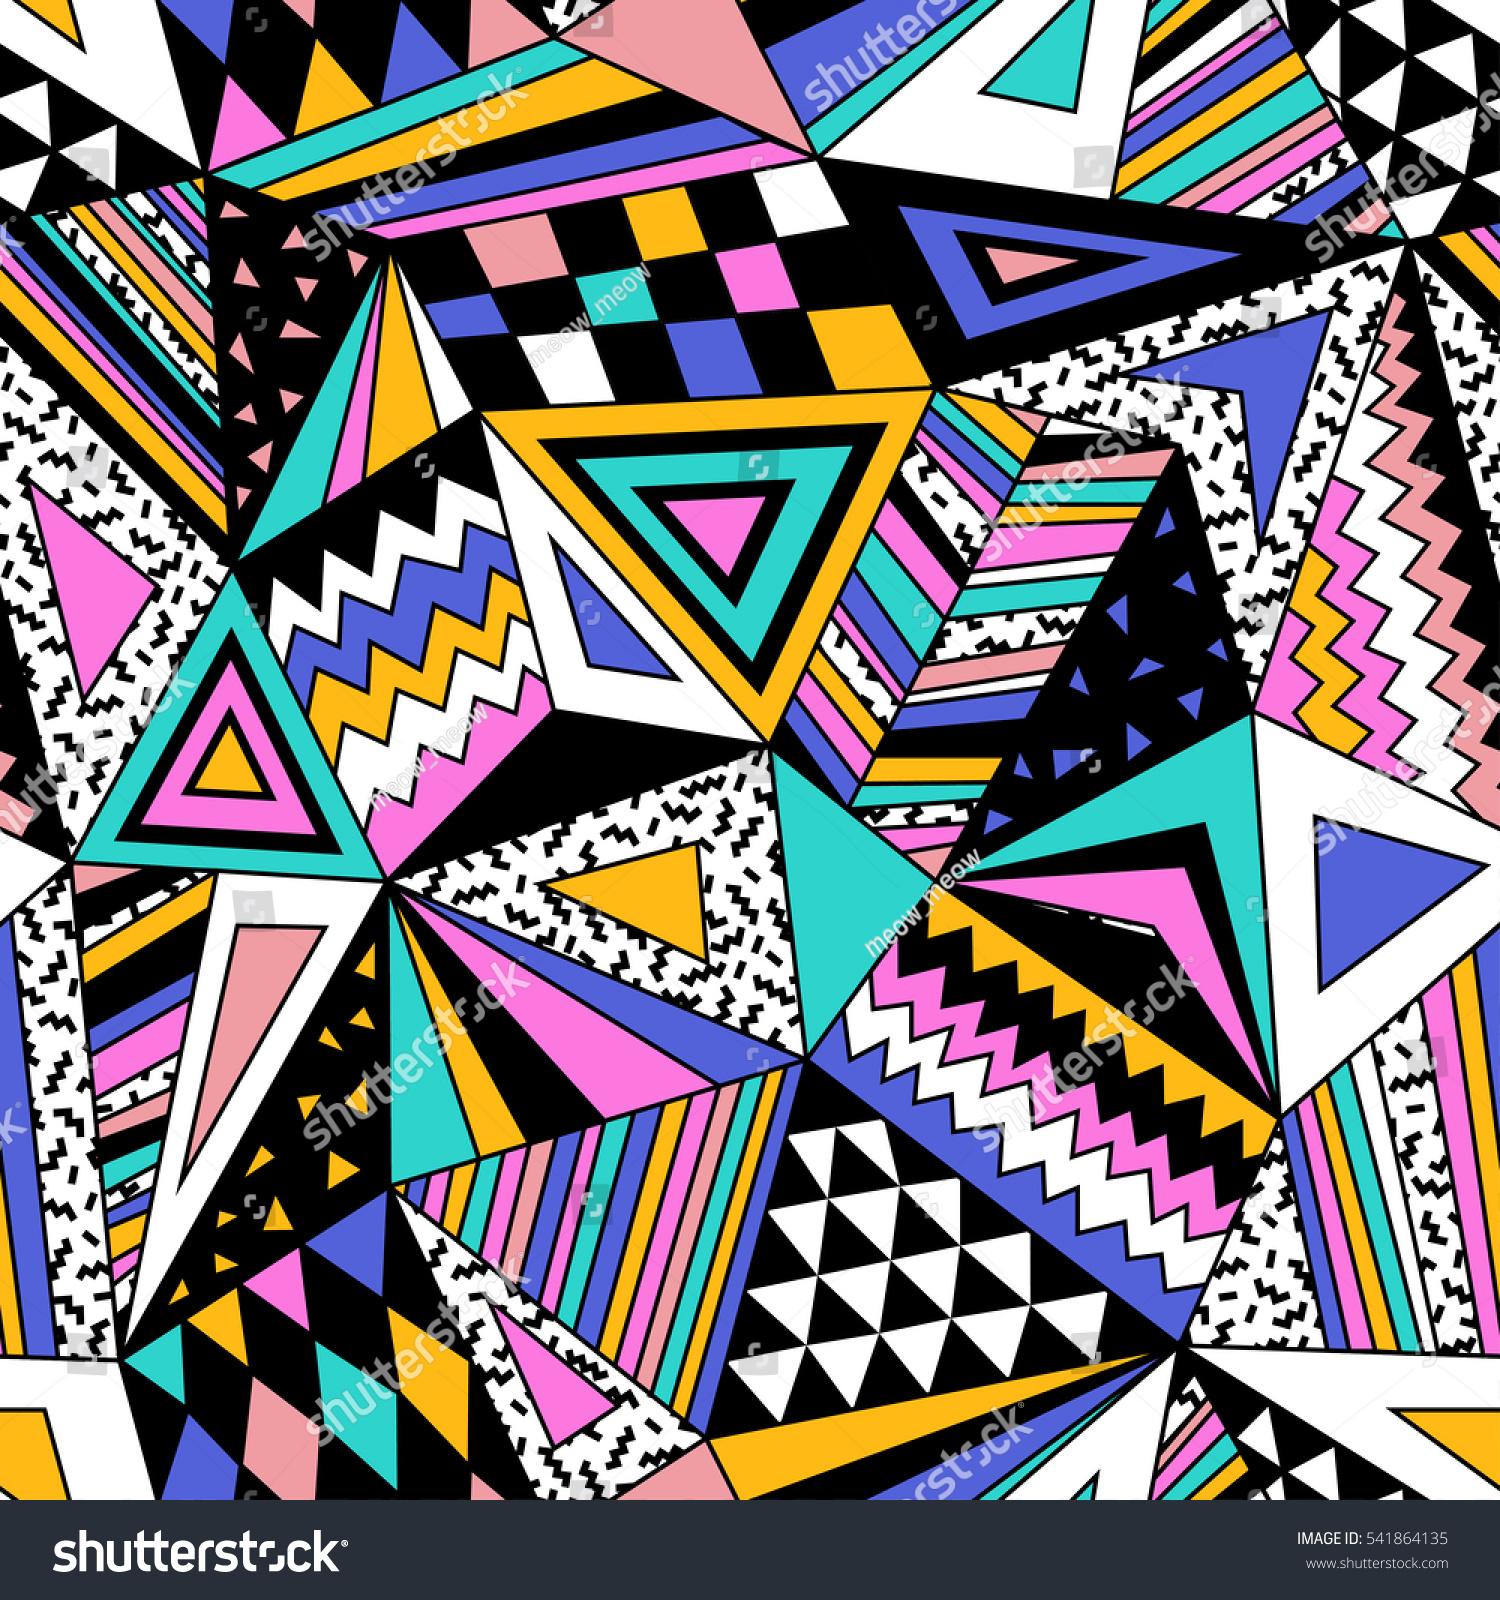 Shutterstock Art Design